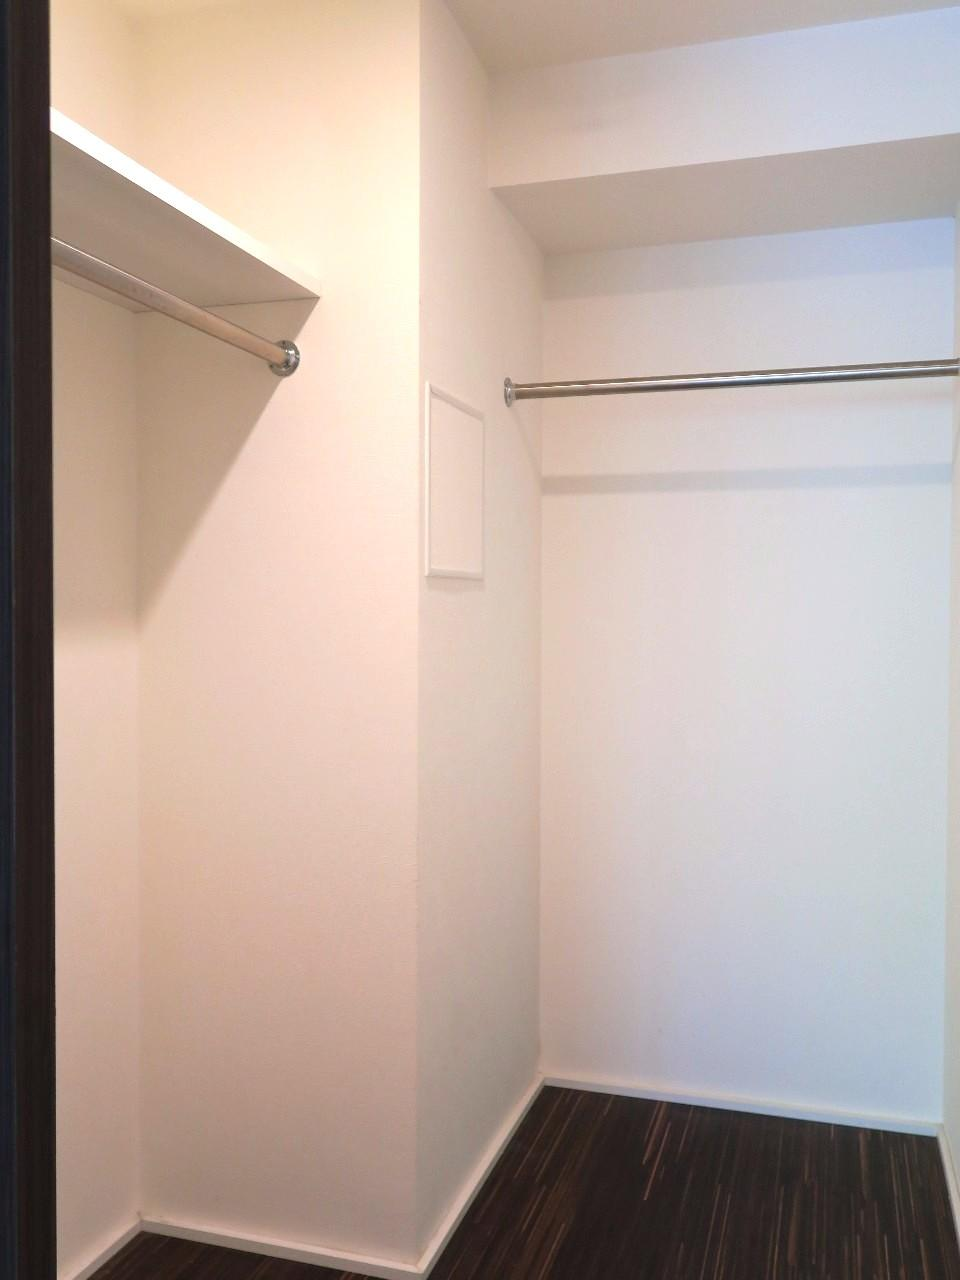 そうそう、収納量たっぷりのウォークインクローゼットが付いているので、お部屋自体は広く使えそうです。